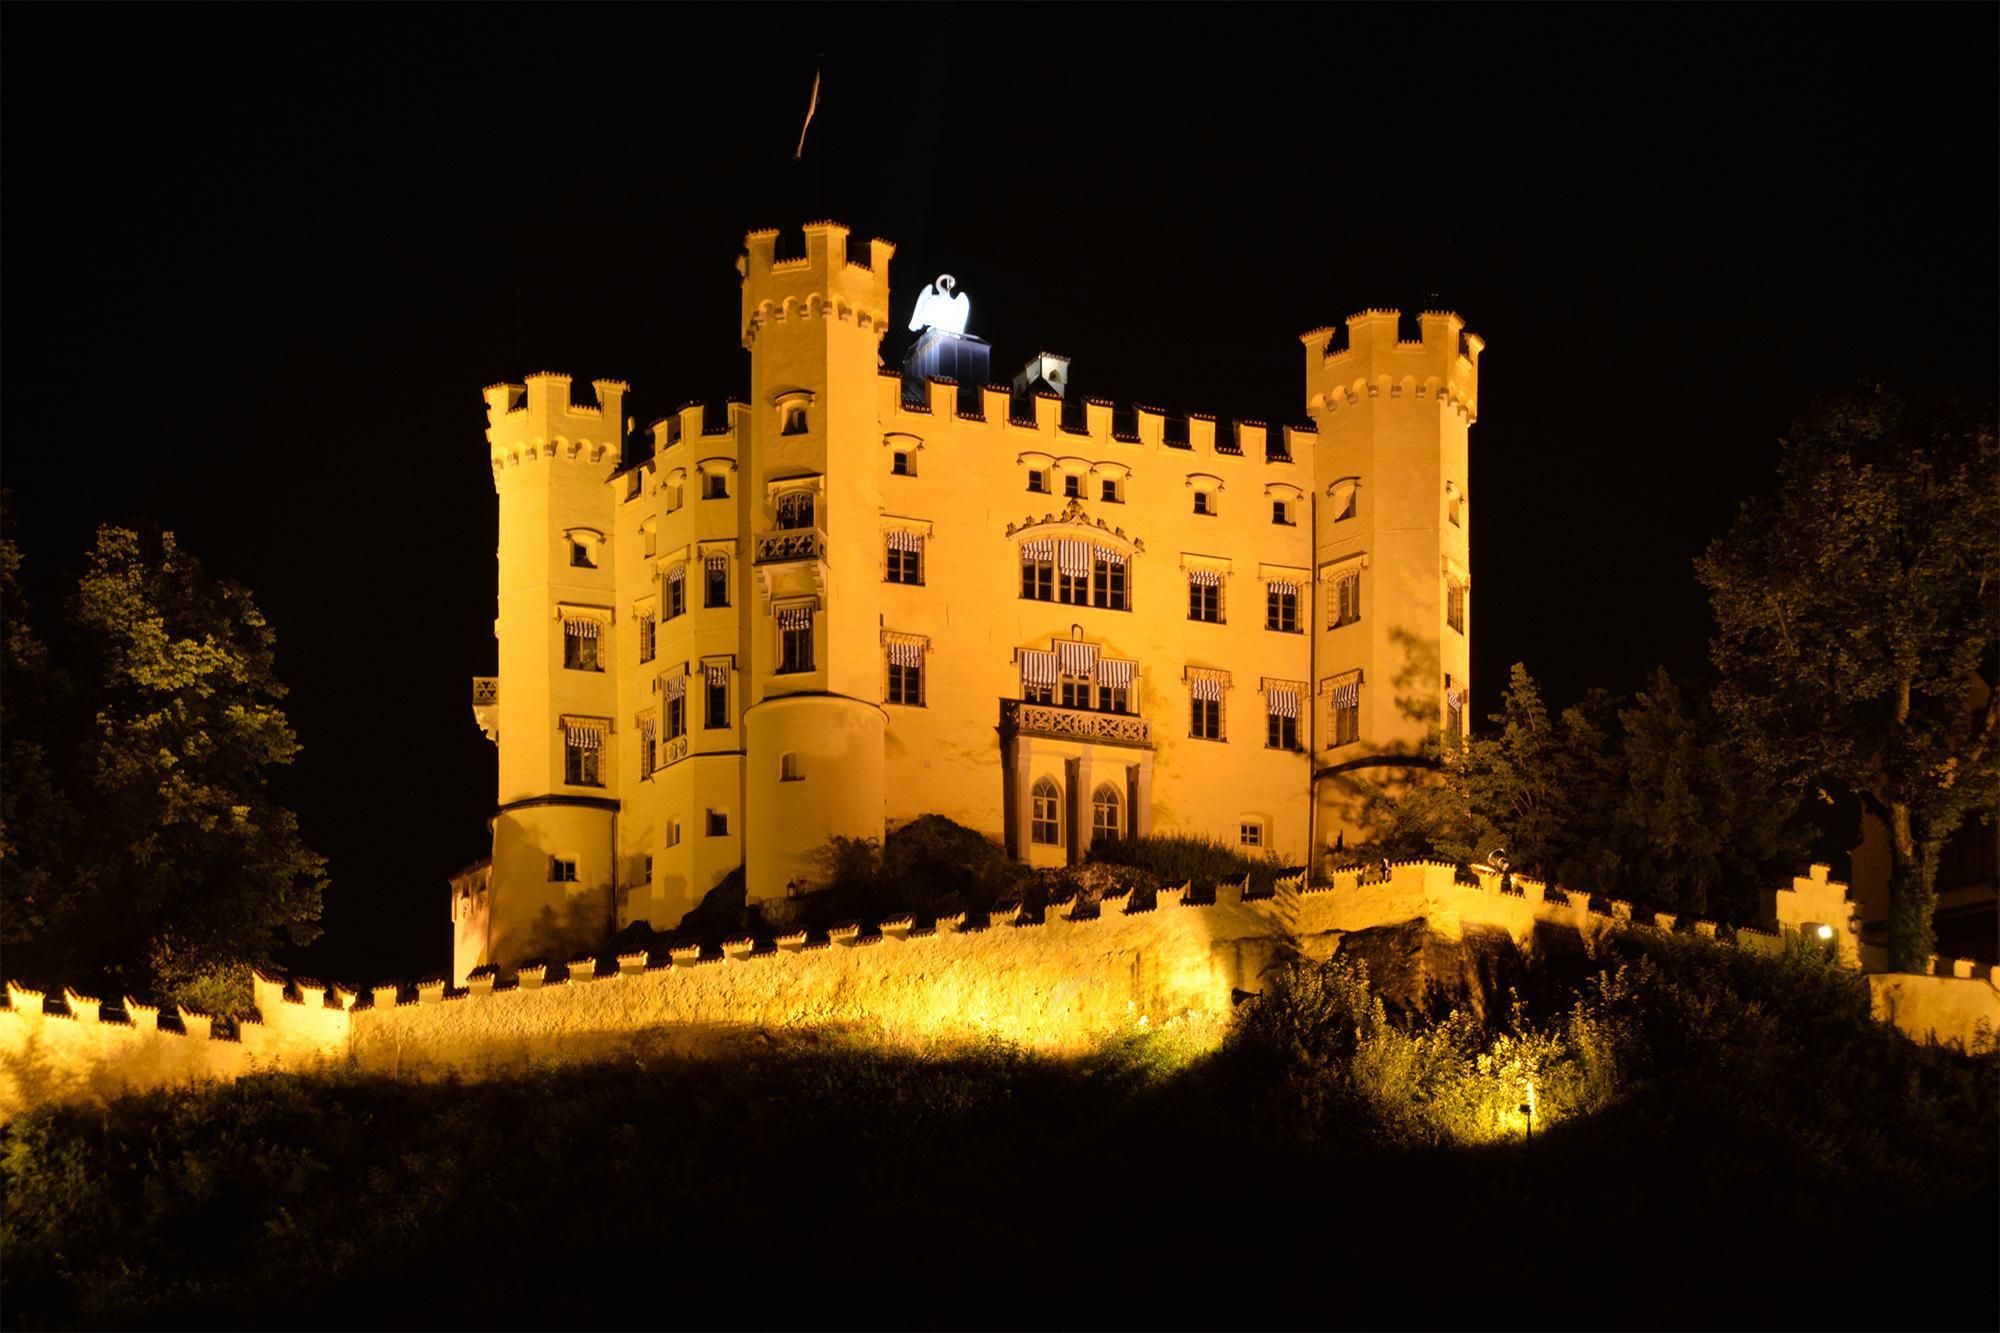 Замок Хоэншвангау, Хоэншвангау, Германия